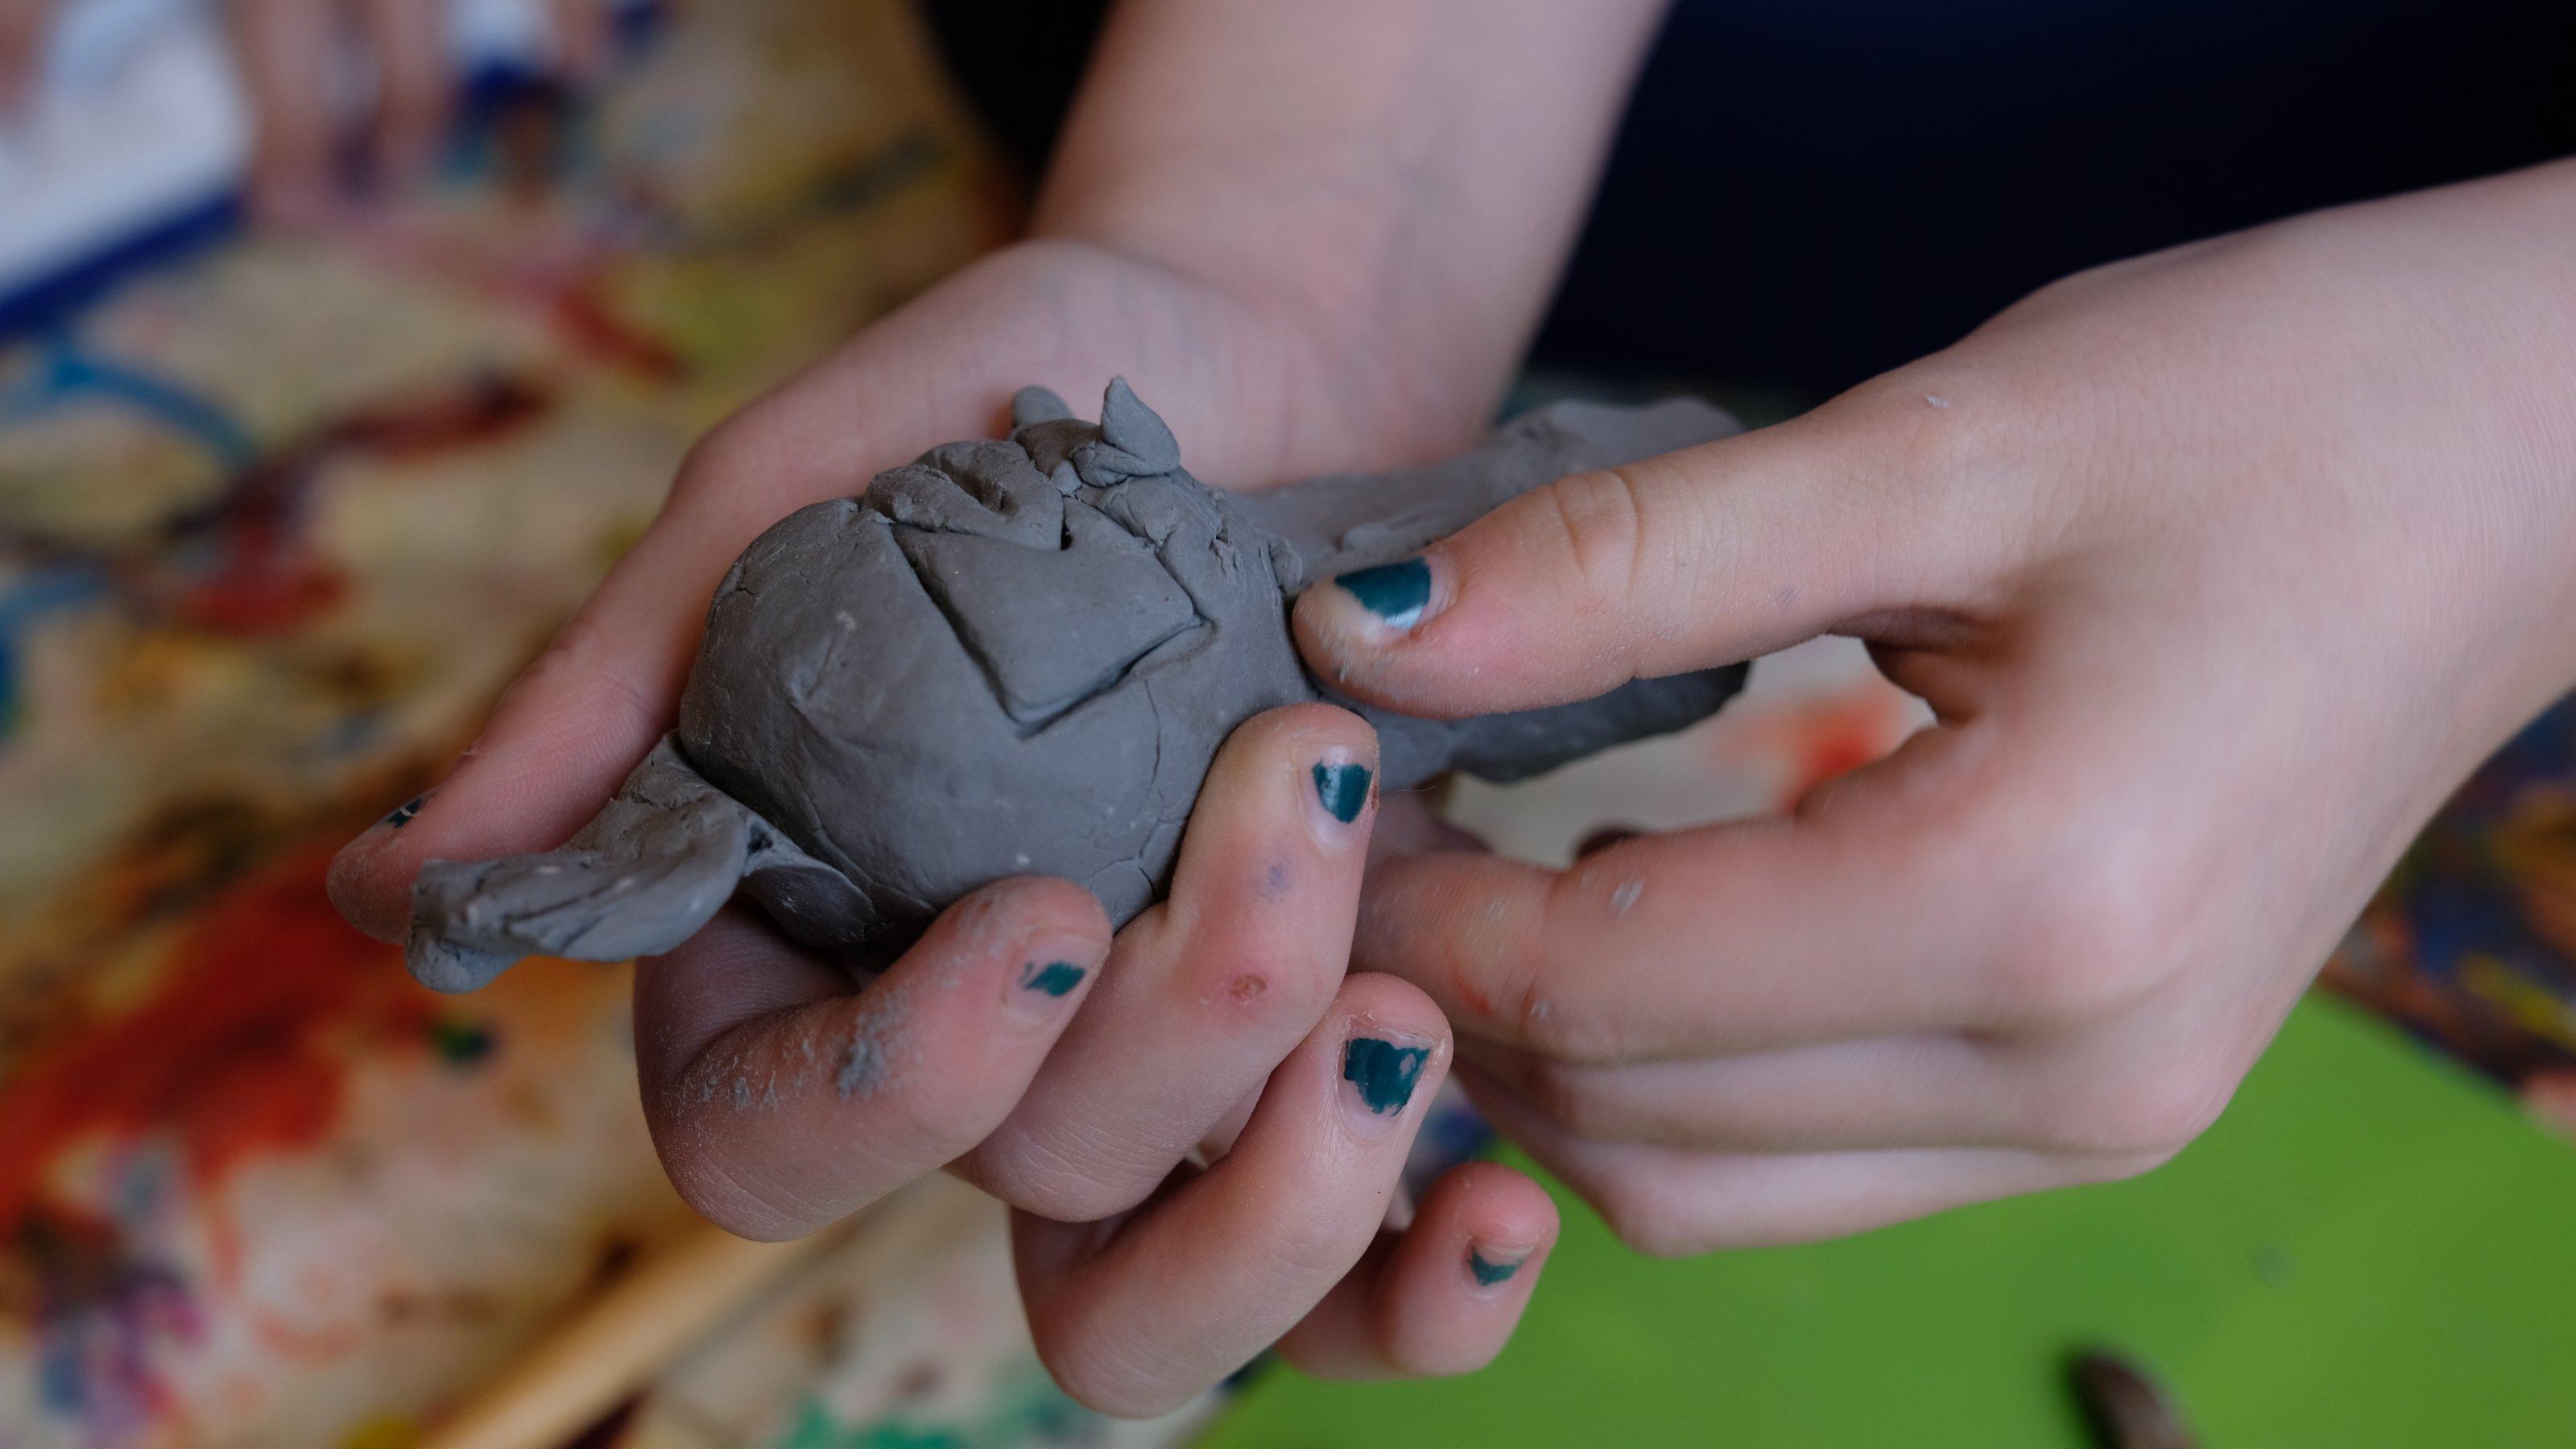 Man sieht ganz nah die beiden Hände von Alva, wie sie aus Ton eine Phantasiefigur kneten. Darunter sieht man unscharf eine grüne Unterlage, die sie zum Arbeiten benutzt, ein paar Werkzeuge und viele Farben.